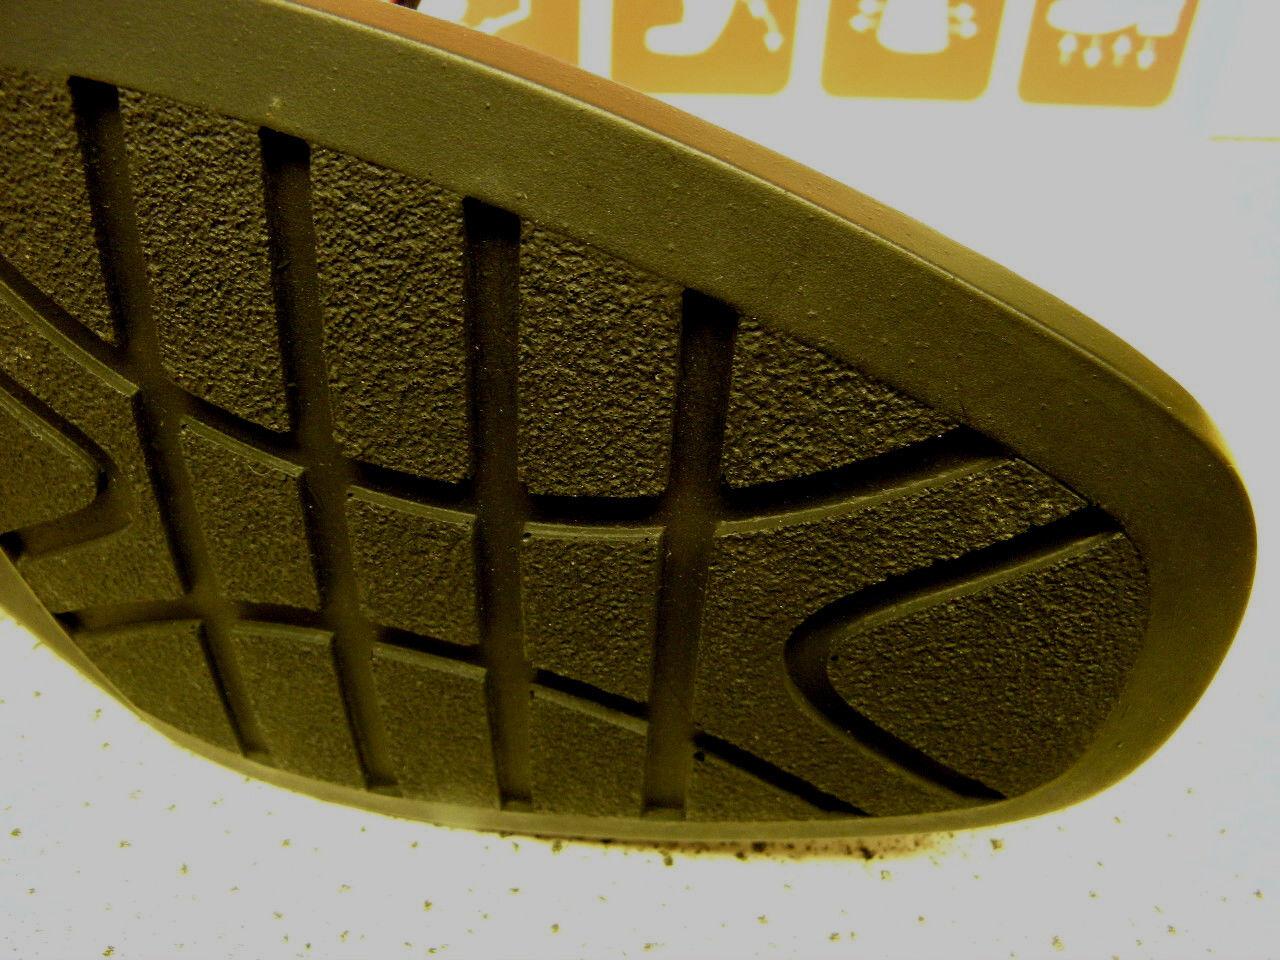 rieker ® reduziert,  bisher 64,95   weit + gratis Premium - Socken  (R220)